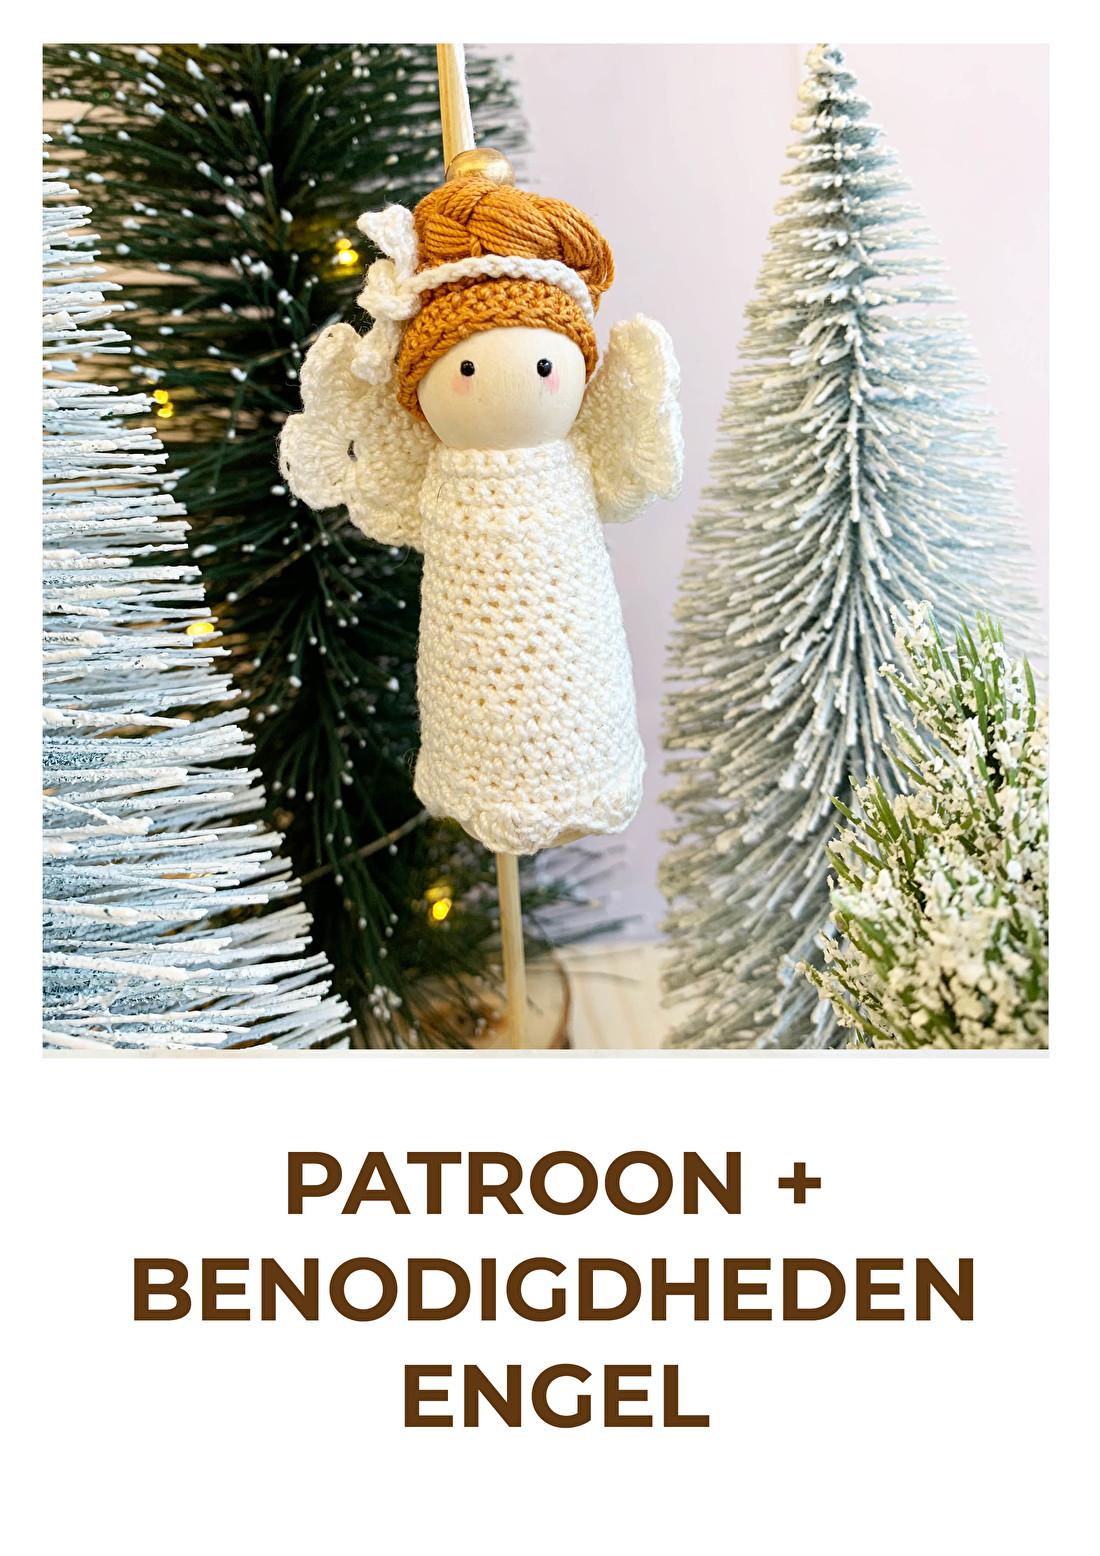 https://www.craftgarden.nl/c-5499587/haak-patroon-kerstengel/